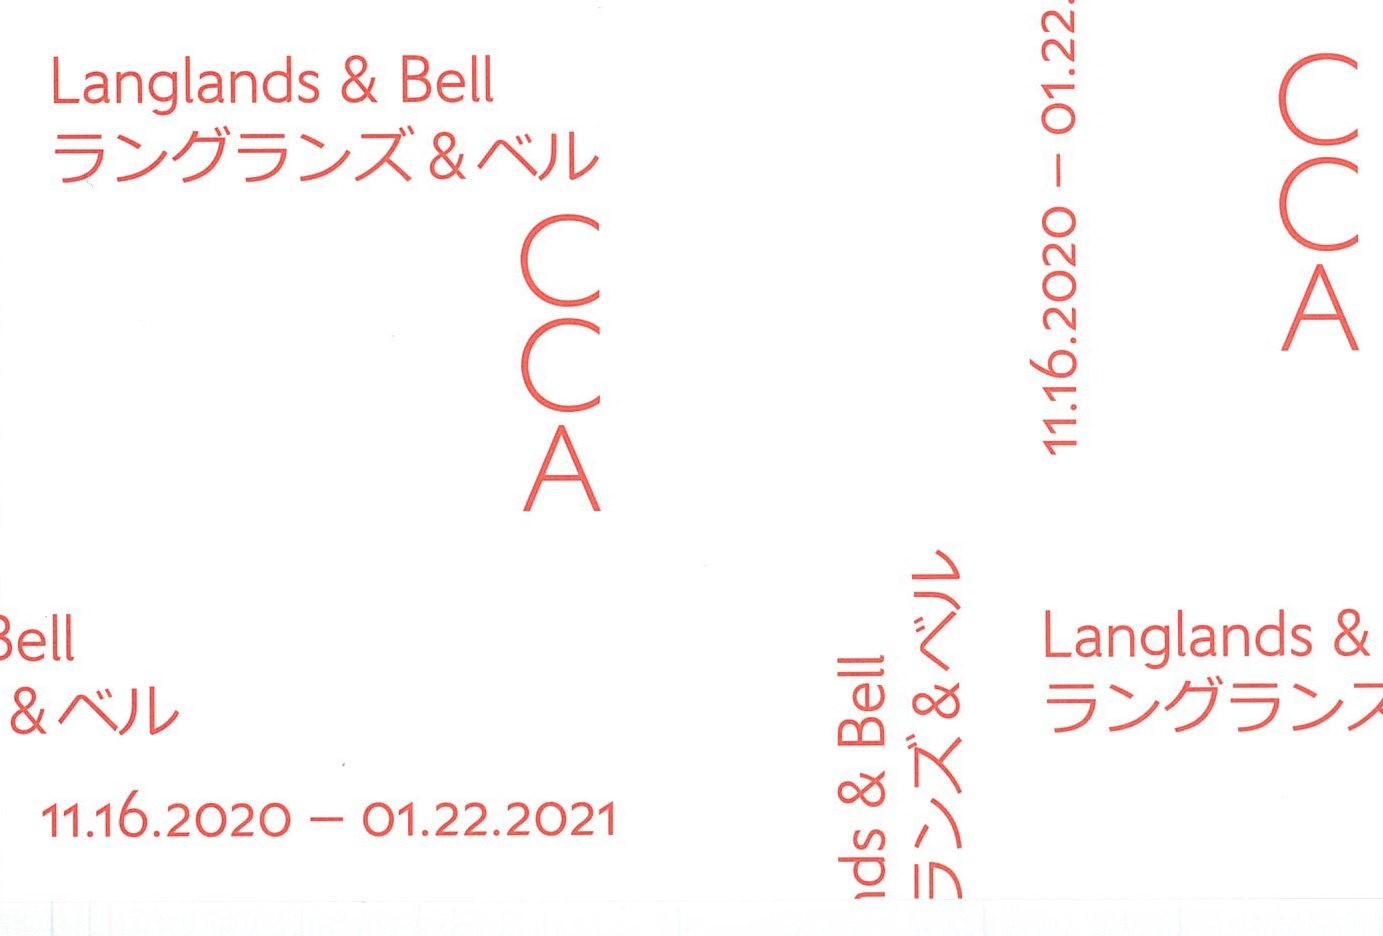 現代美術センターCCA北九州 「ラングランズ&ベル ~キュレーターのサイン~」